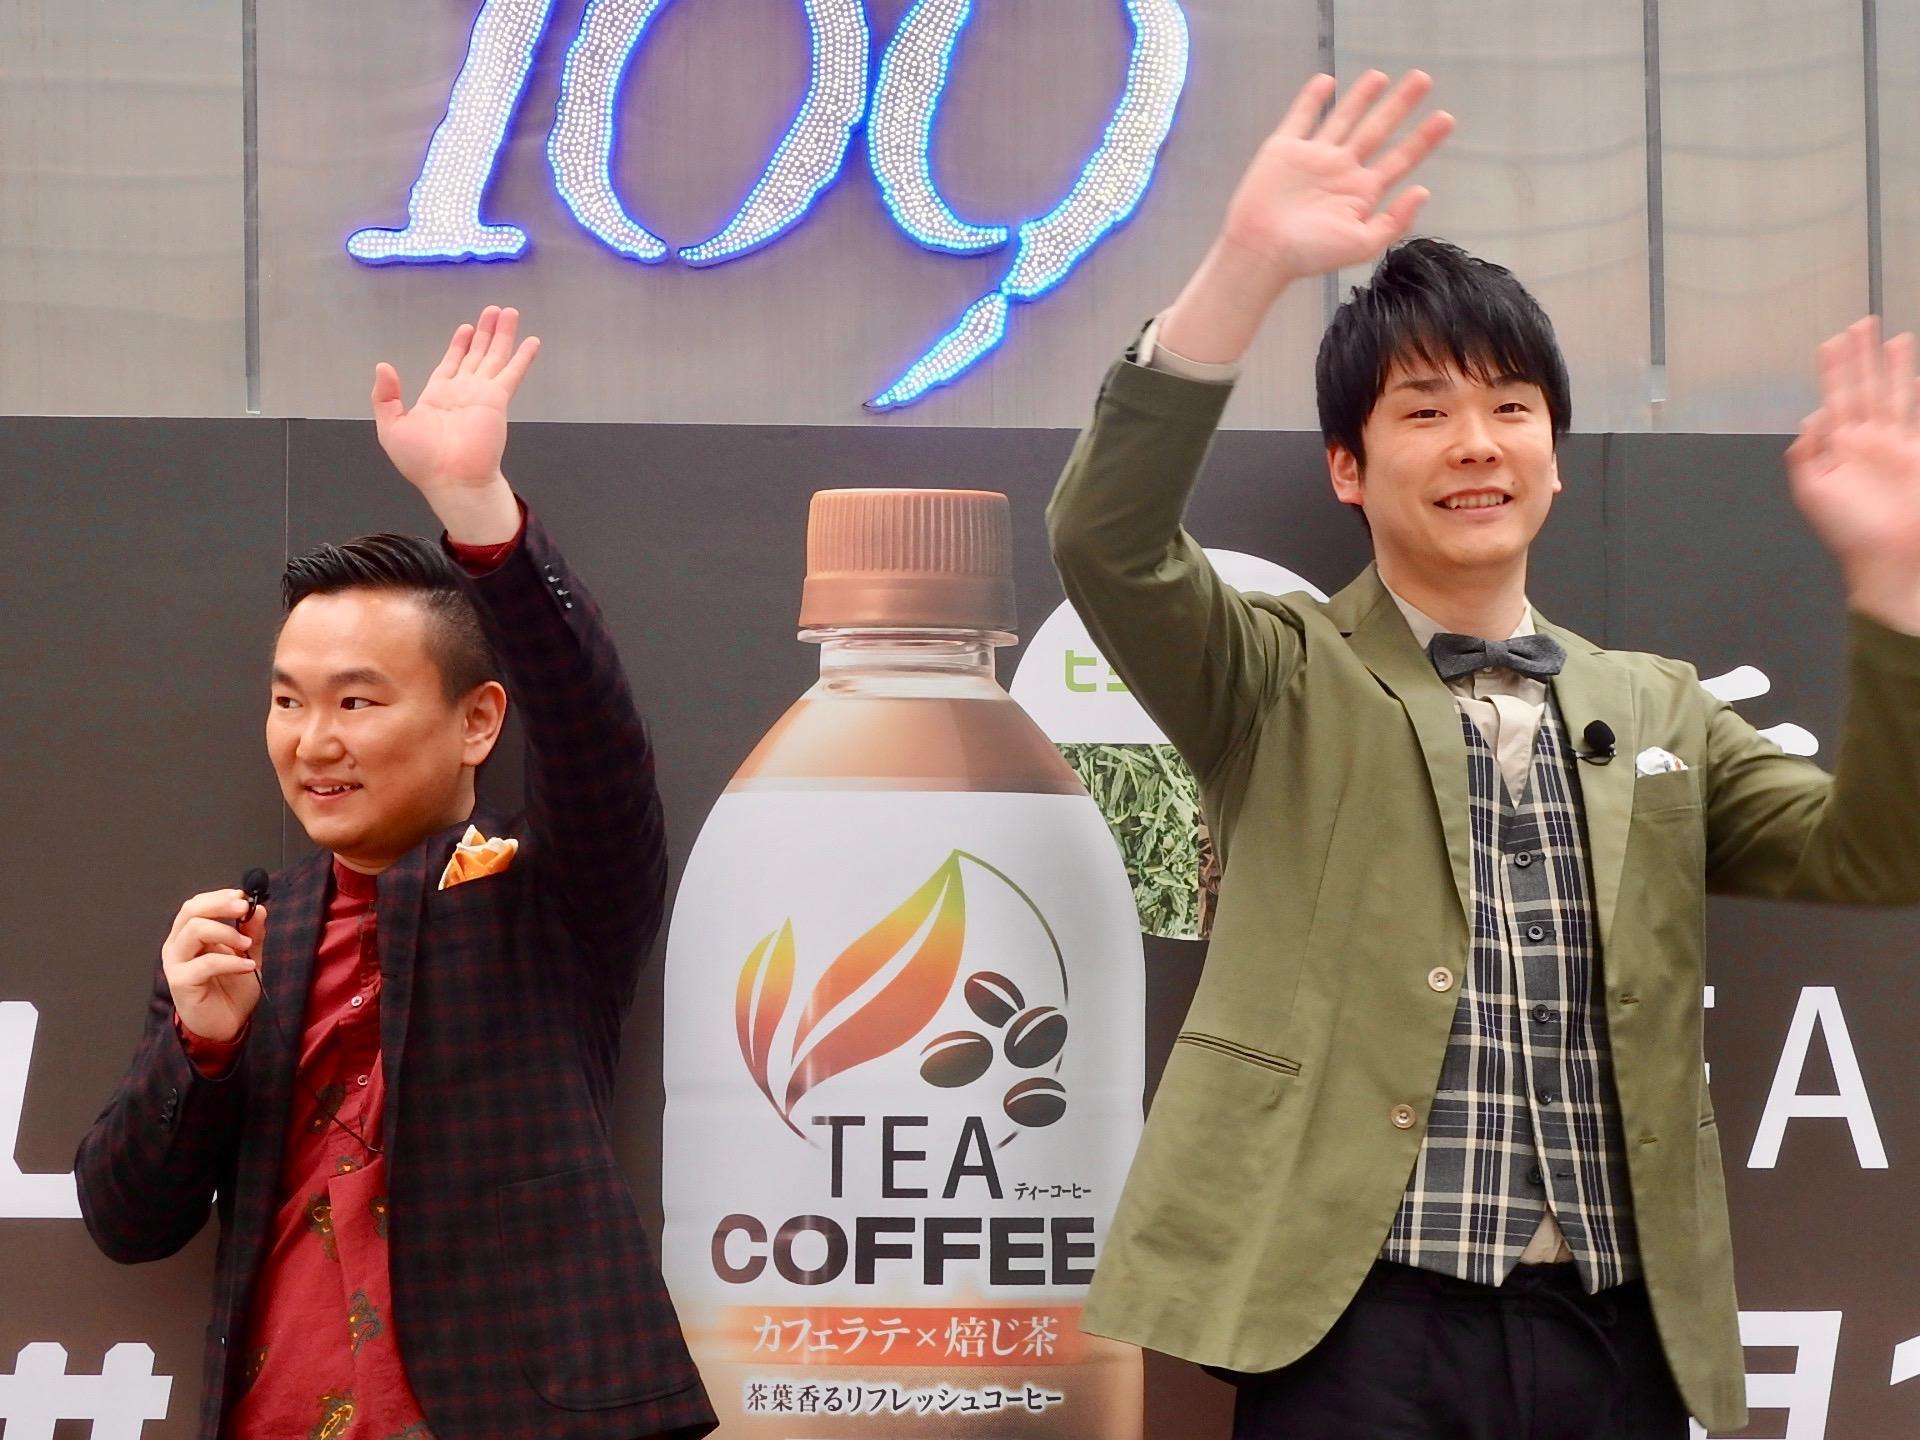 http://news.yoshimoto.co.jp/20180414165240-48fc758eaa2e89d7fd944bc1dee0141ea2ee54f0.jpg